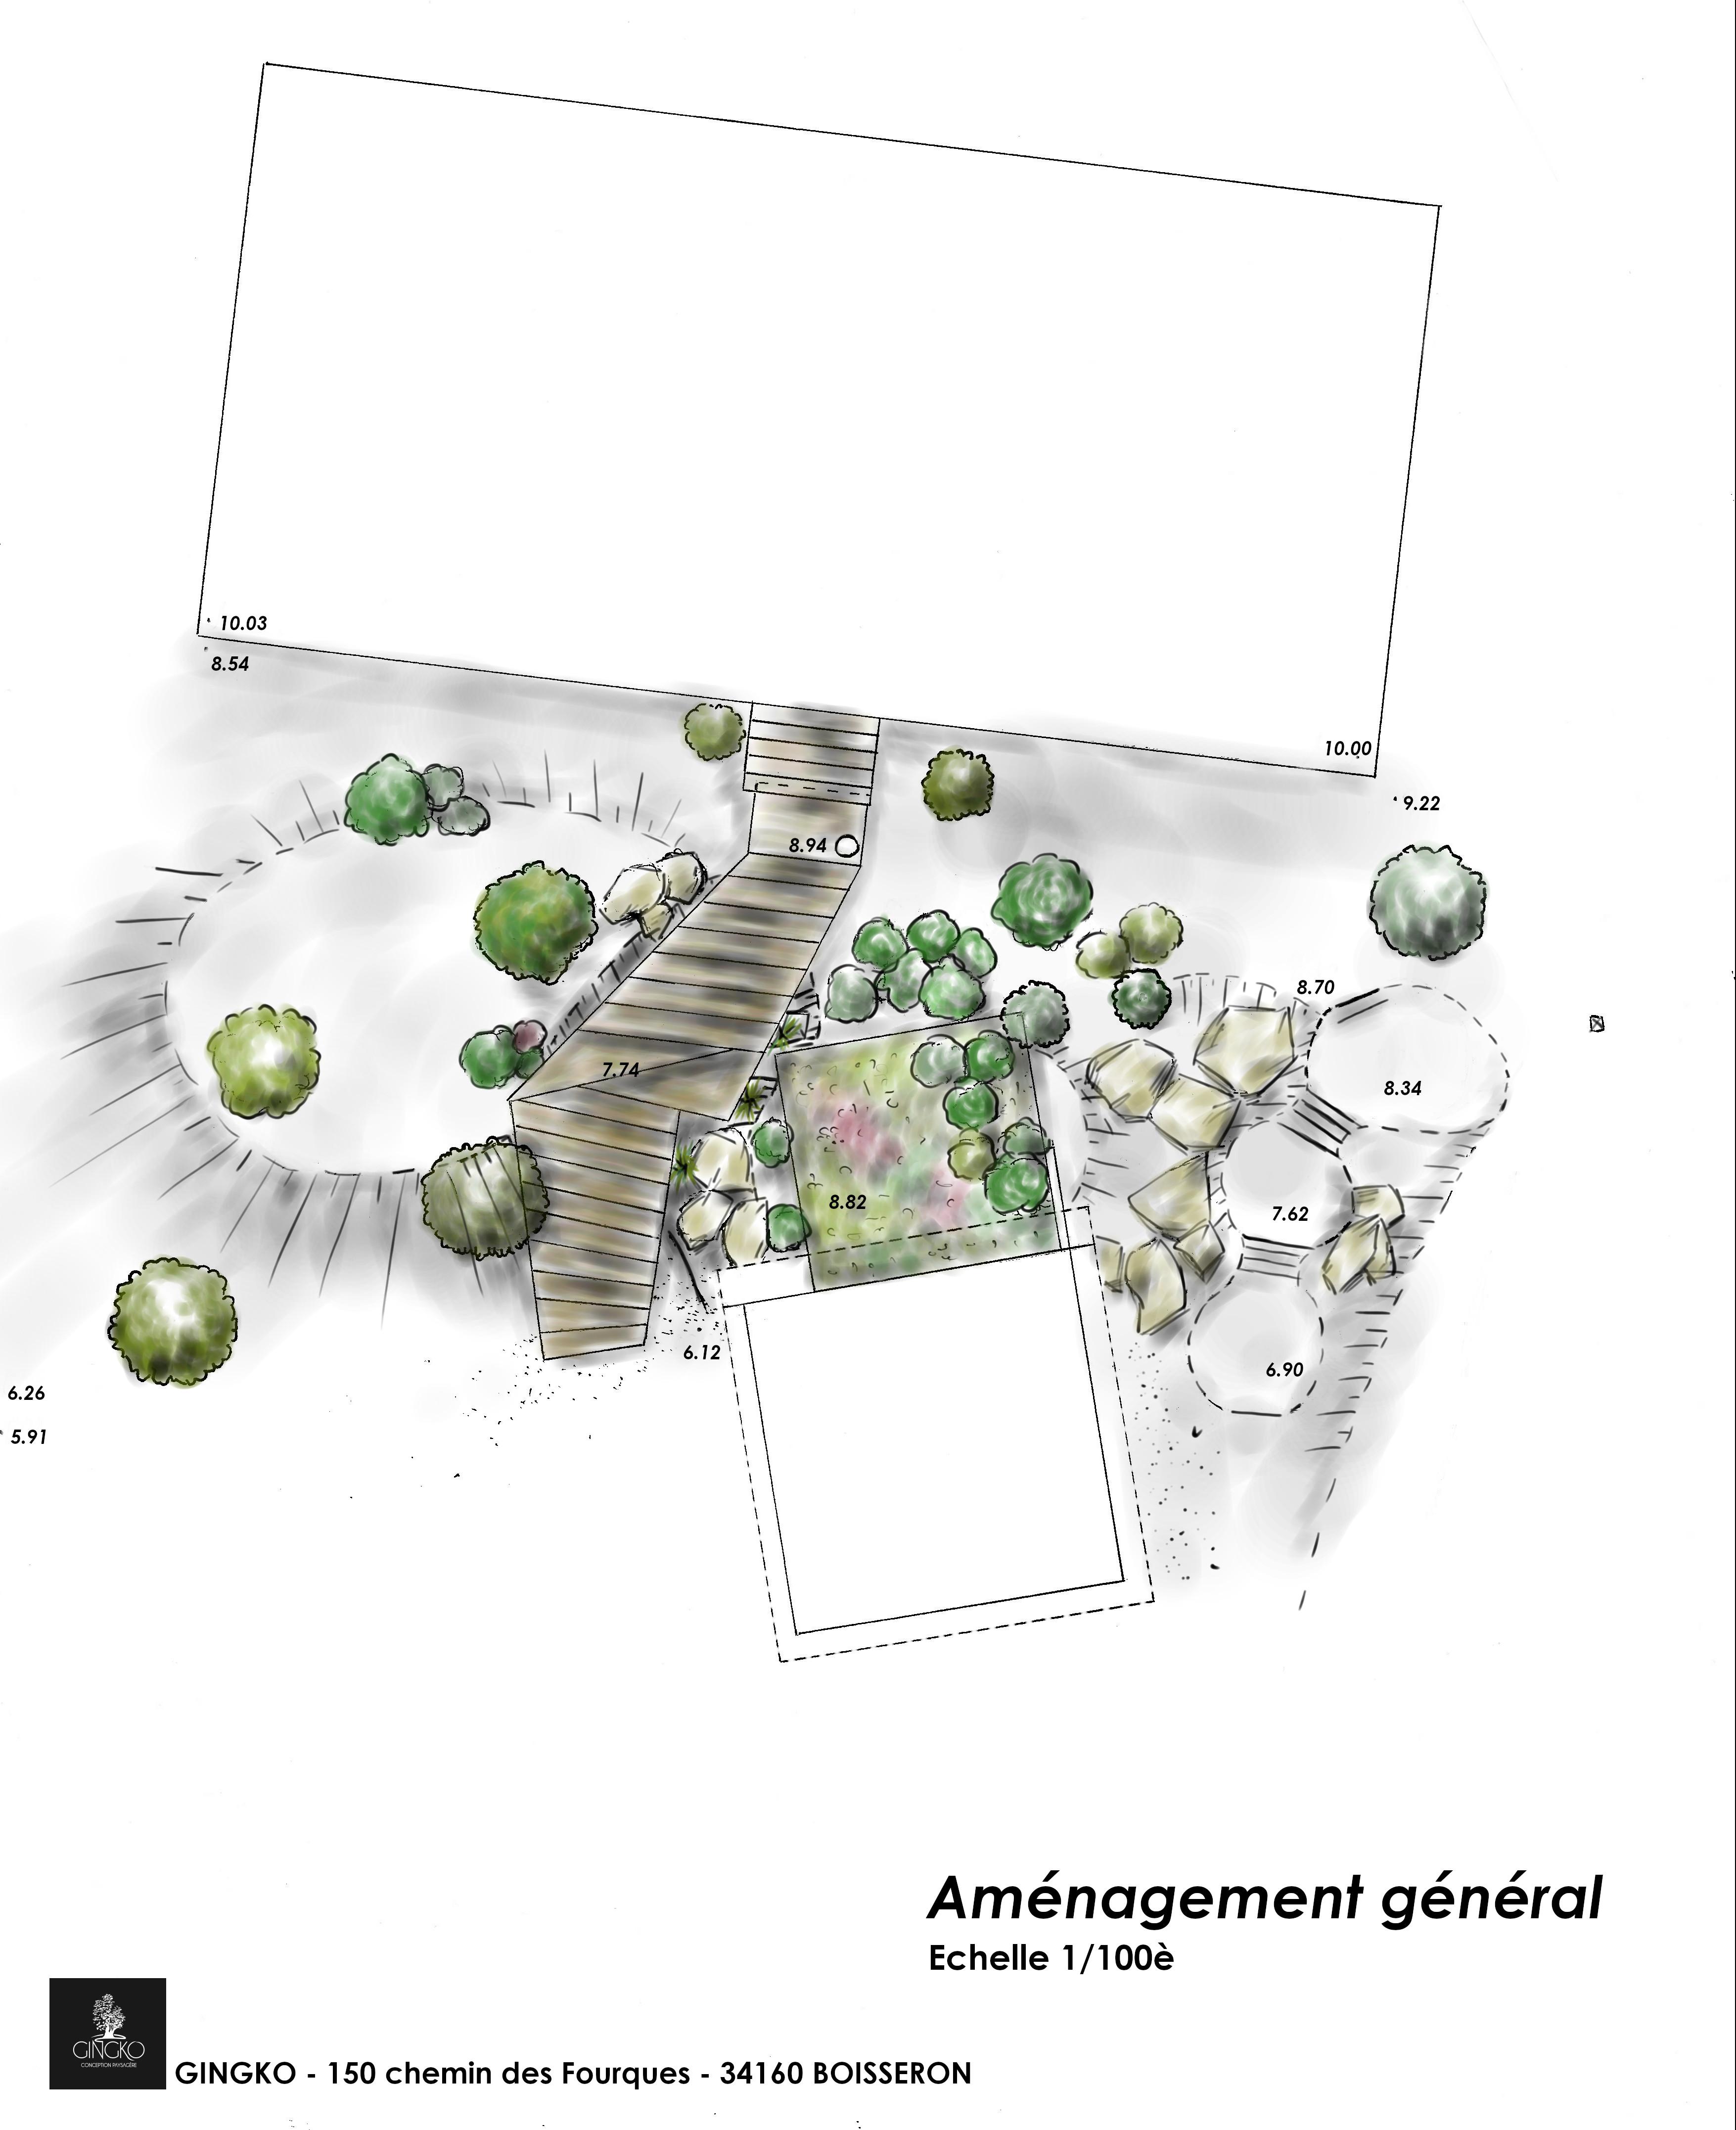 plan aménagement, plan de masse, relevé de terrain, relevé altimétrique, topographie, jardin naturel